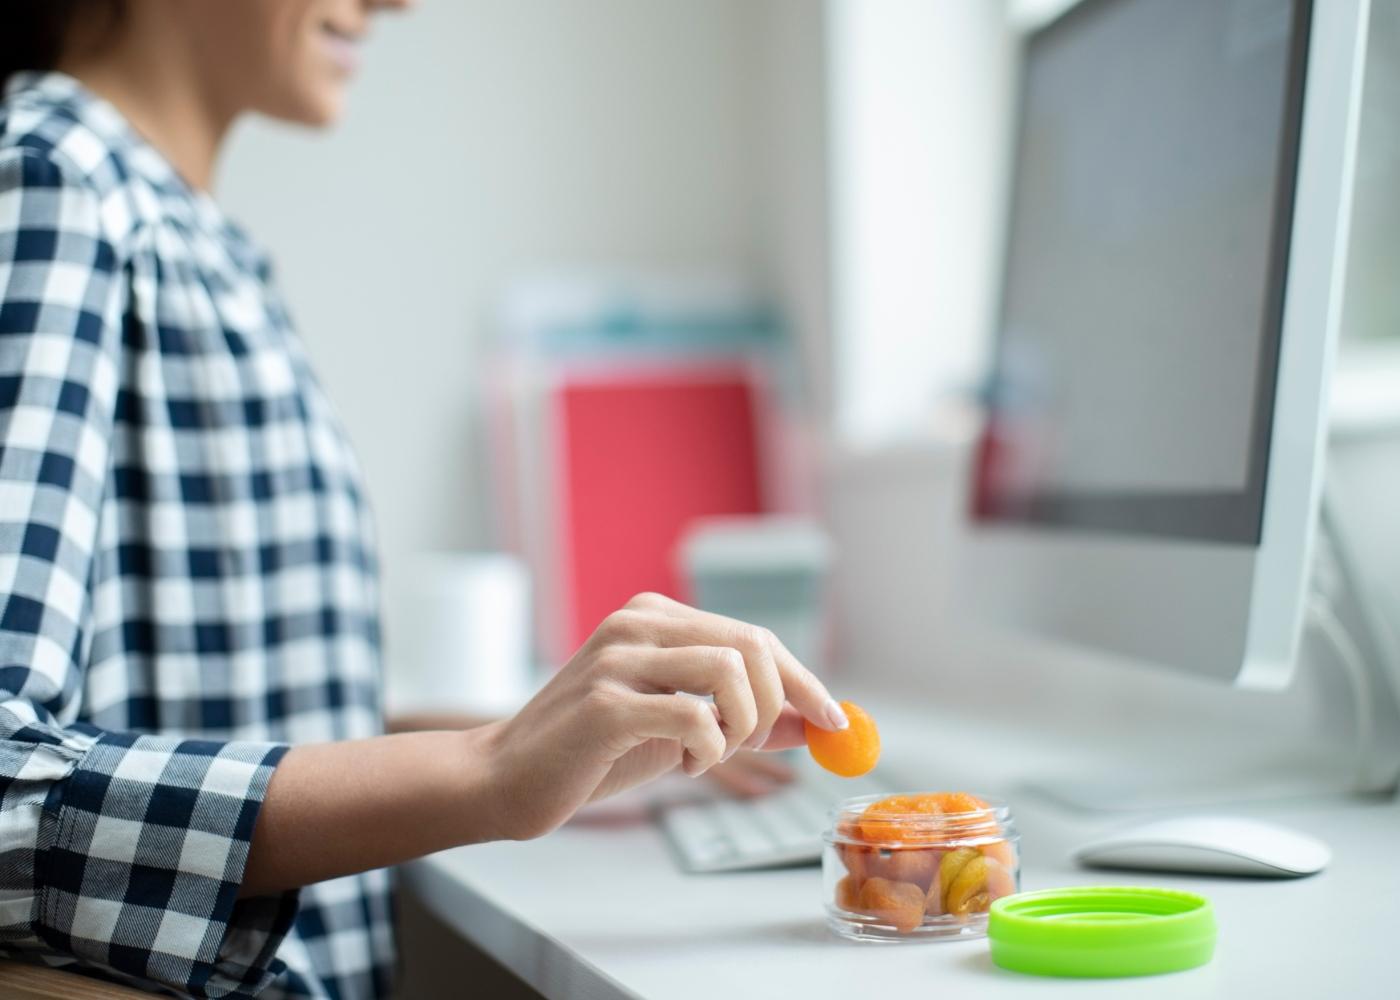 Comer as quantidades que deve em casa: mulher a comer snacks enquanto trabalha